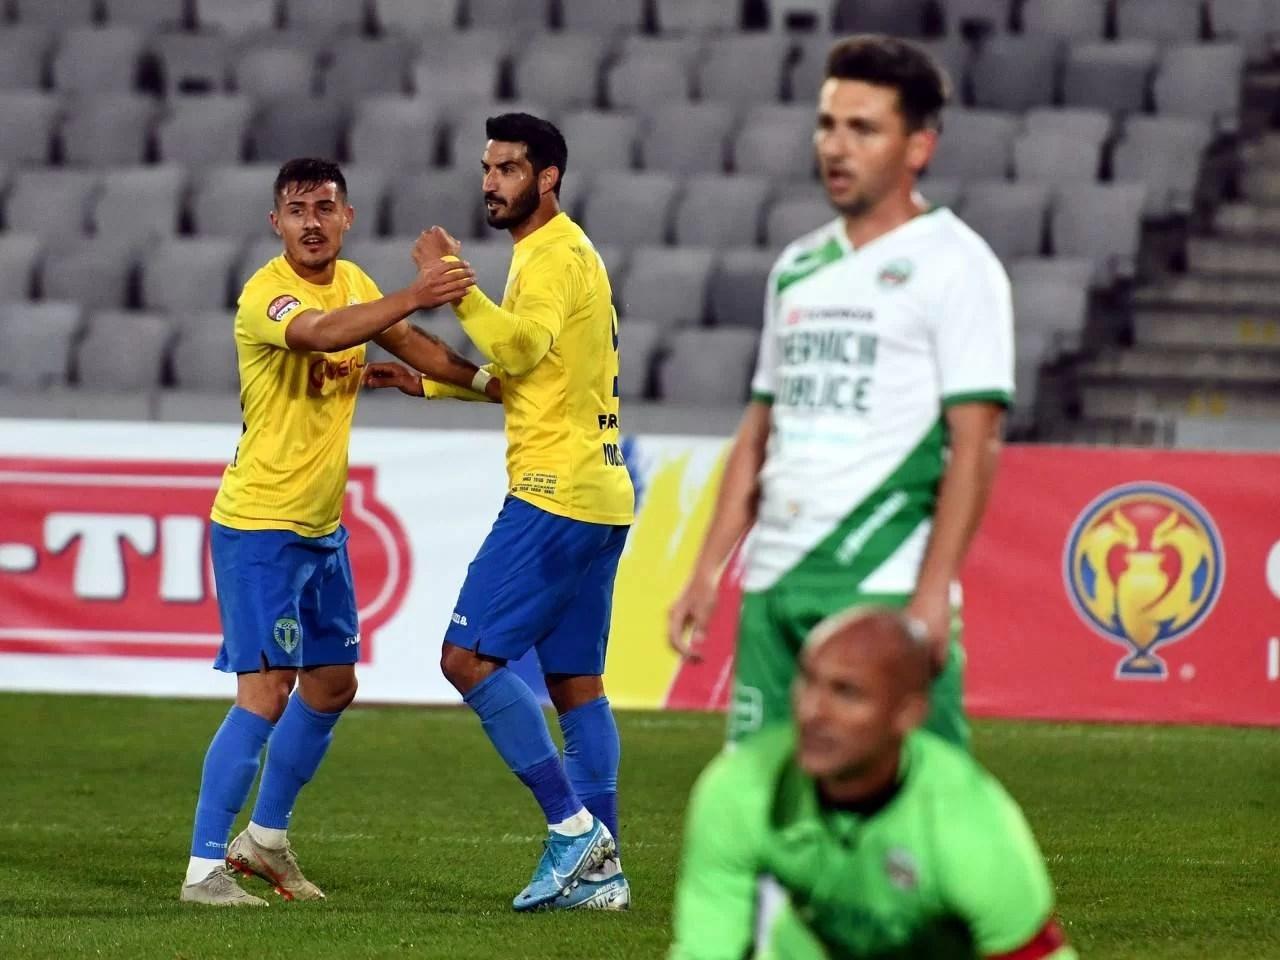 Cine are un lot puternic face față cu brio și la trei meciuri în șase zile! – numai despre ce se întâmplă la FC Petrolul, echipa de suflet a ploieștenilor și a prahovenilor (episodul 18)